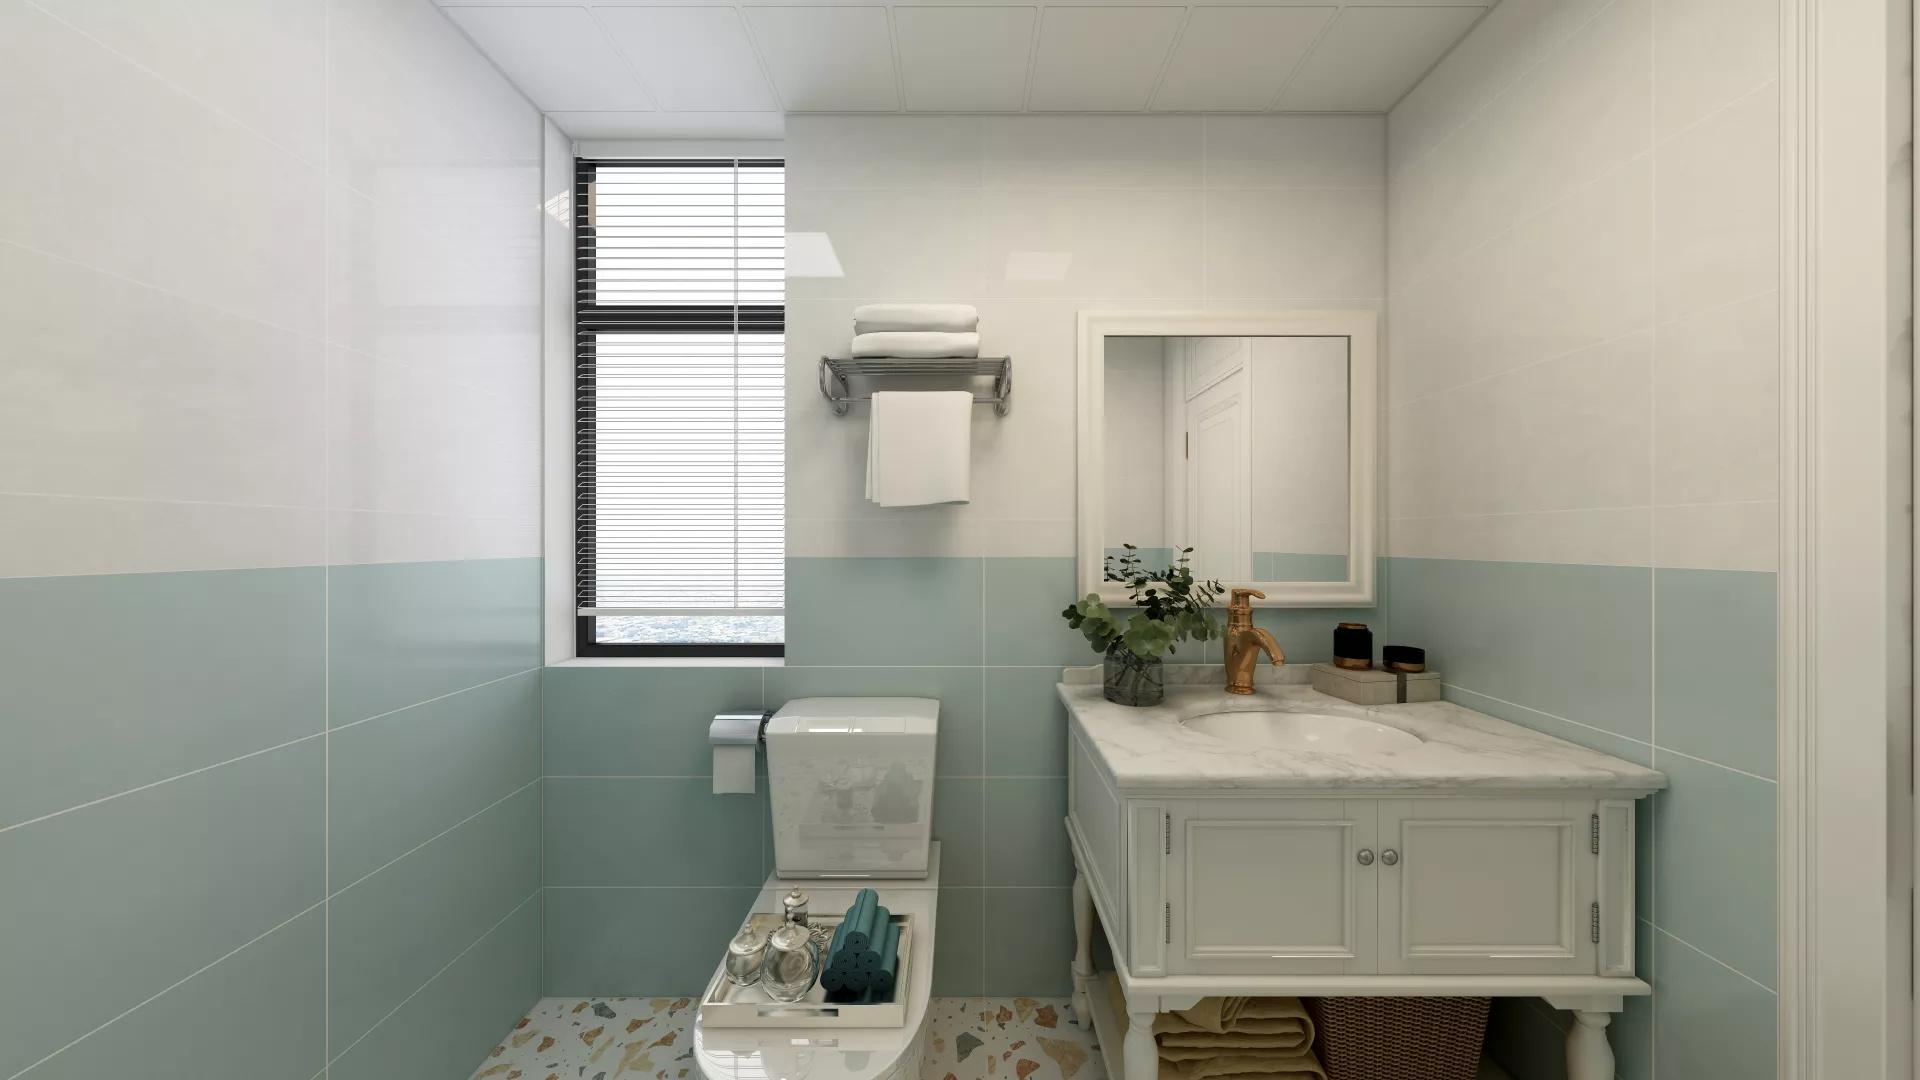 小戶型衛生間如何設計?小戶型衛生間裝修設計建議